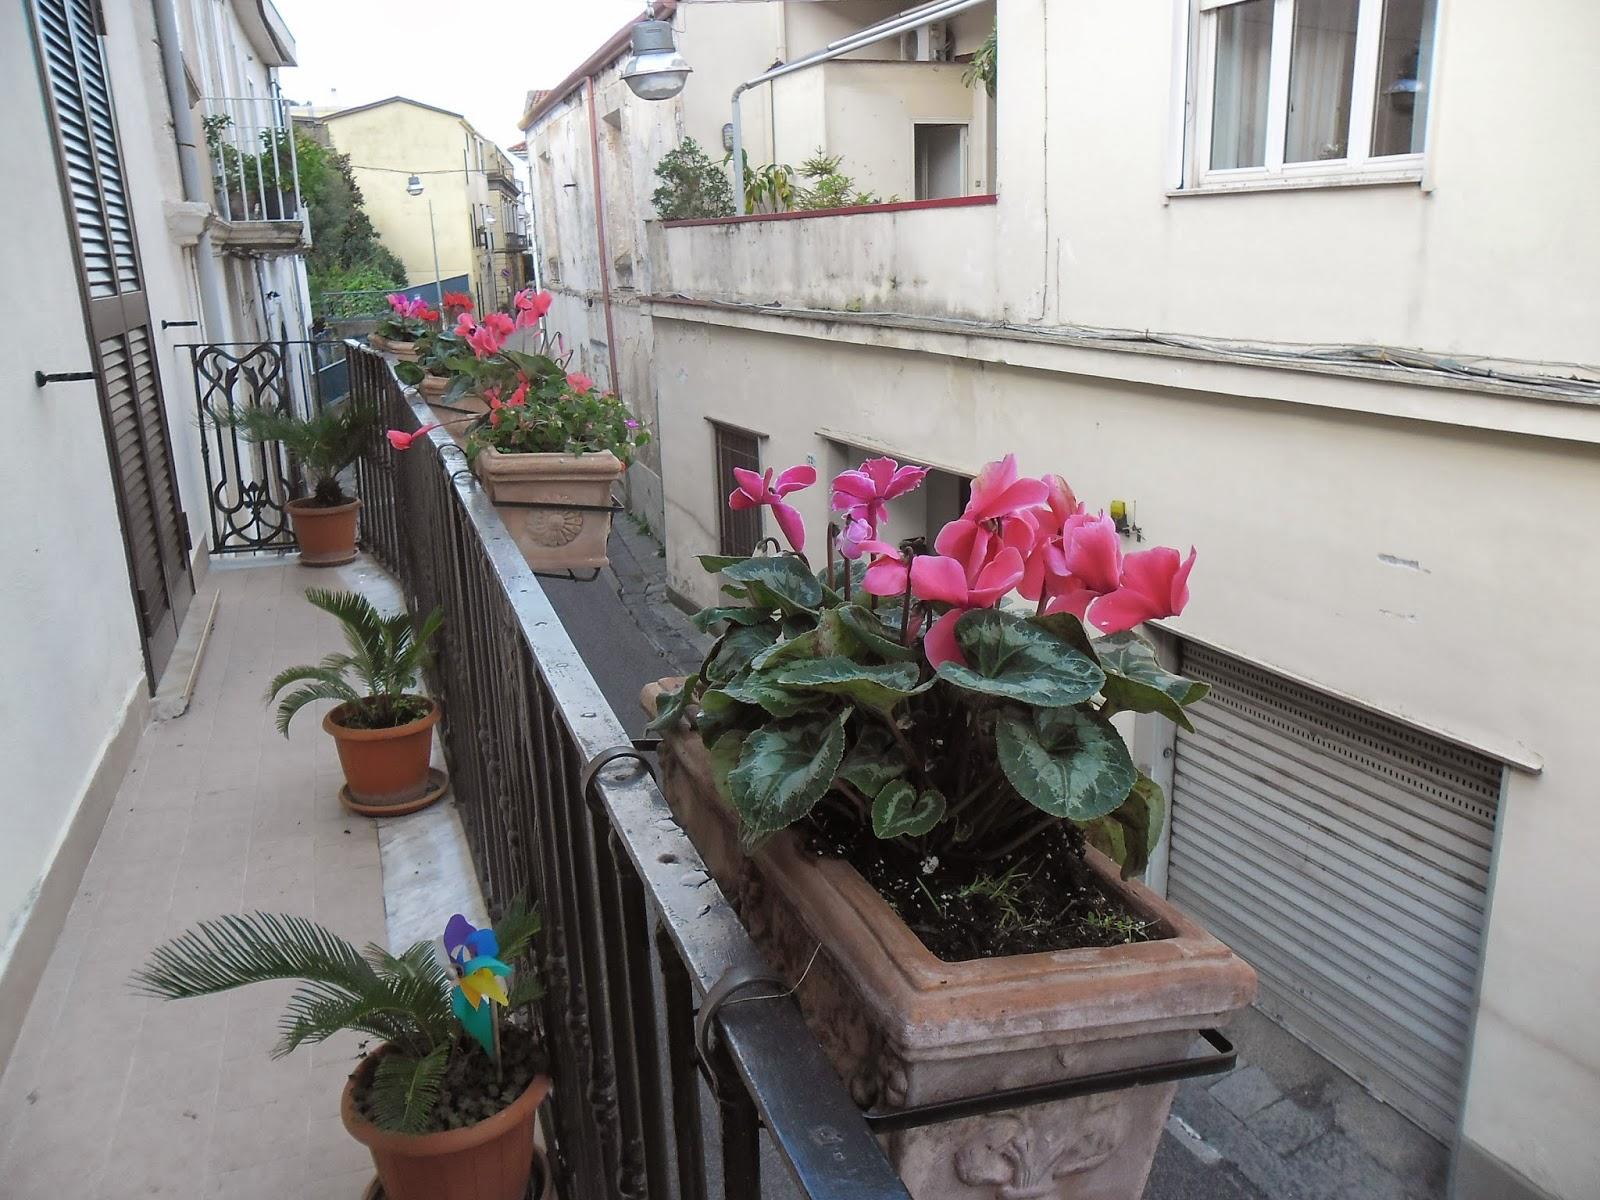 Ortensie Sul Balcone : Mamma sciaury giardinaggio ciclamini nuovi sul balcone